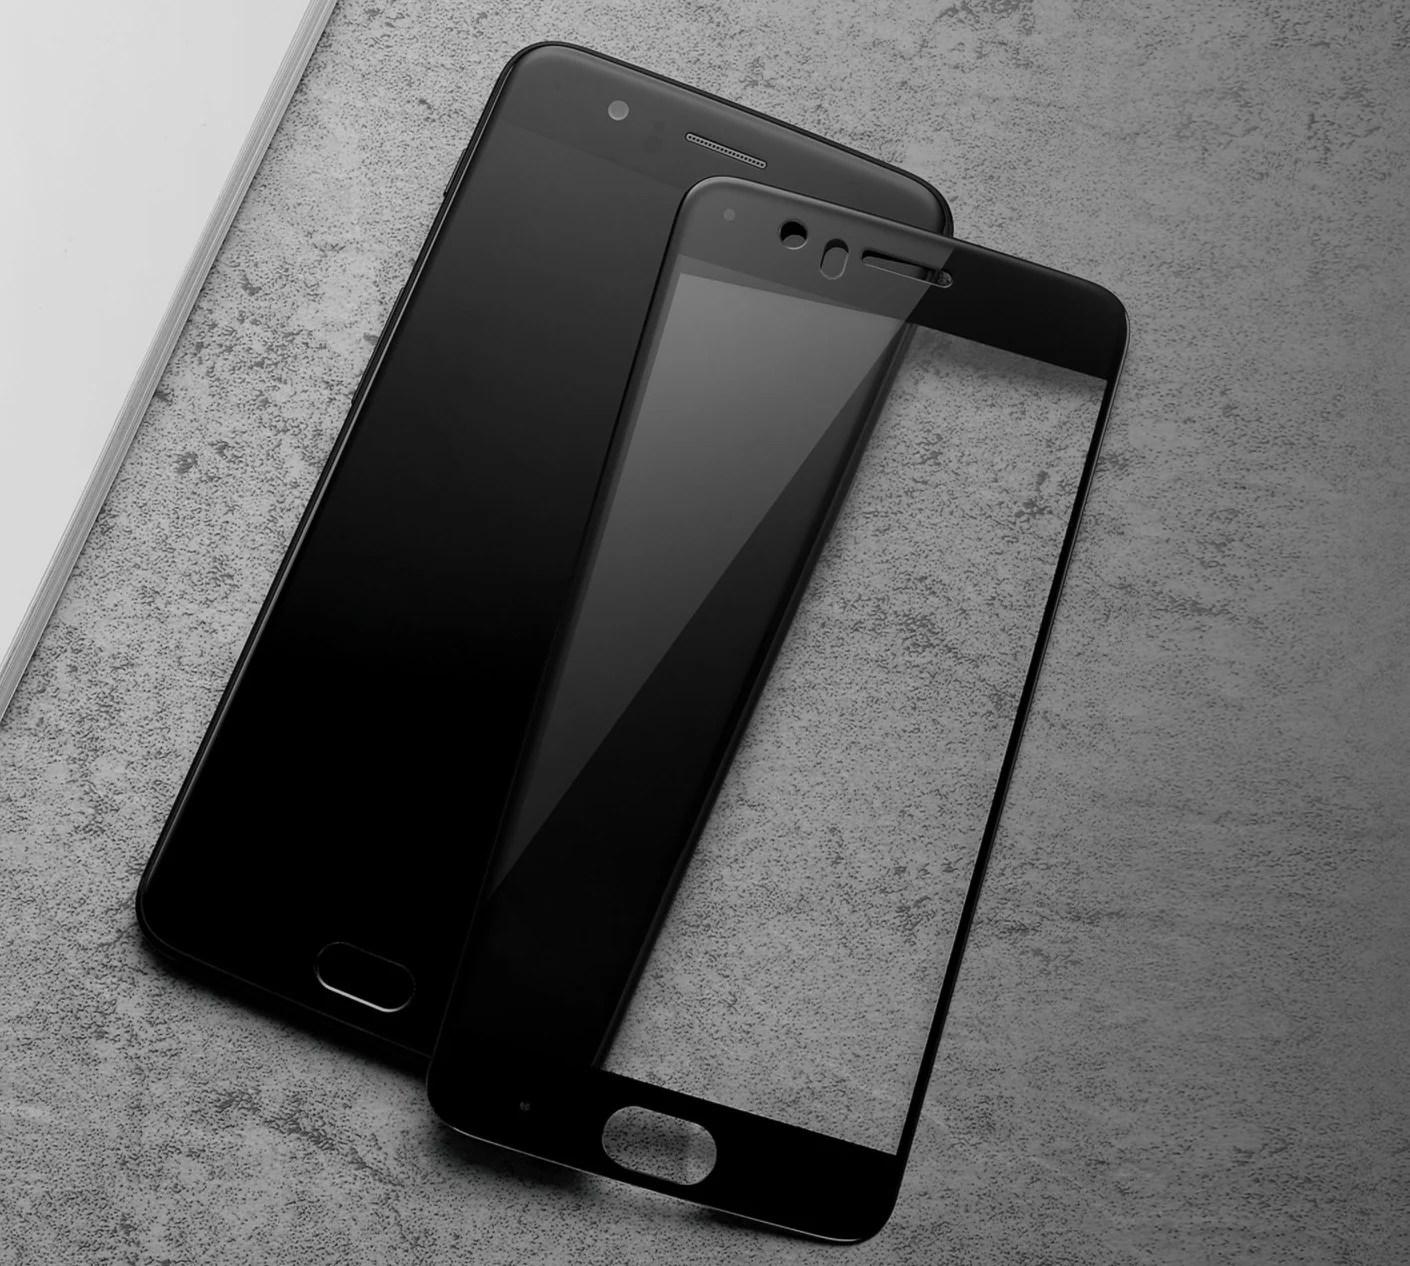 online retailer f7ed2 10b34 7 Best OnePlus 5 Screen Protectors